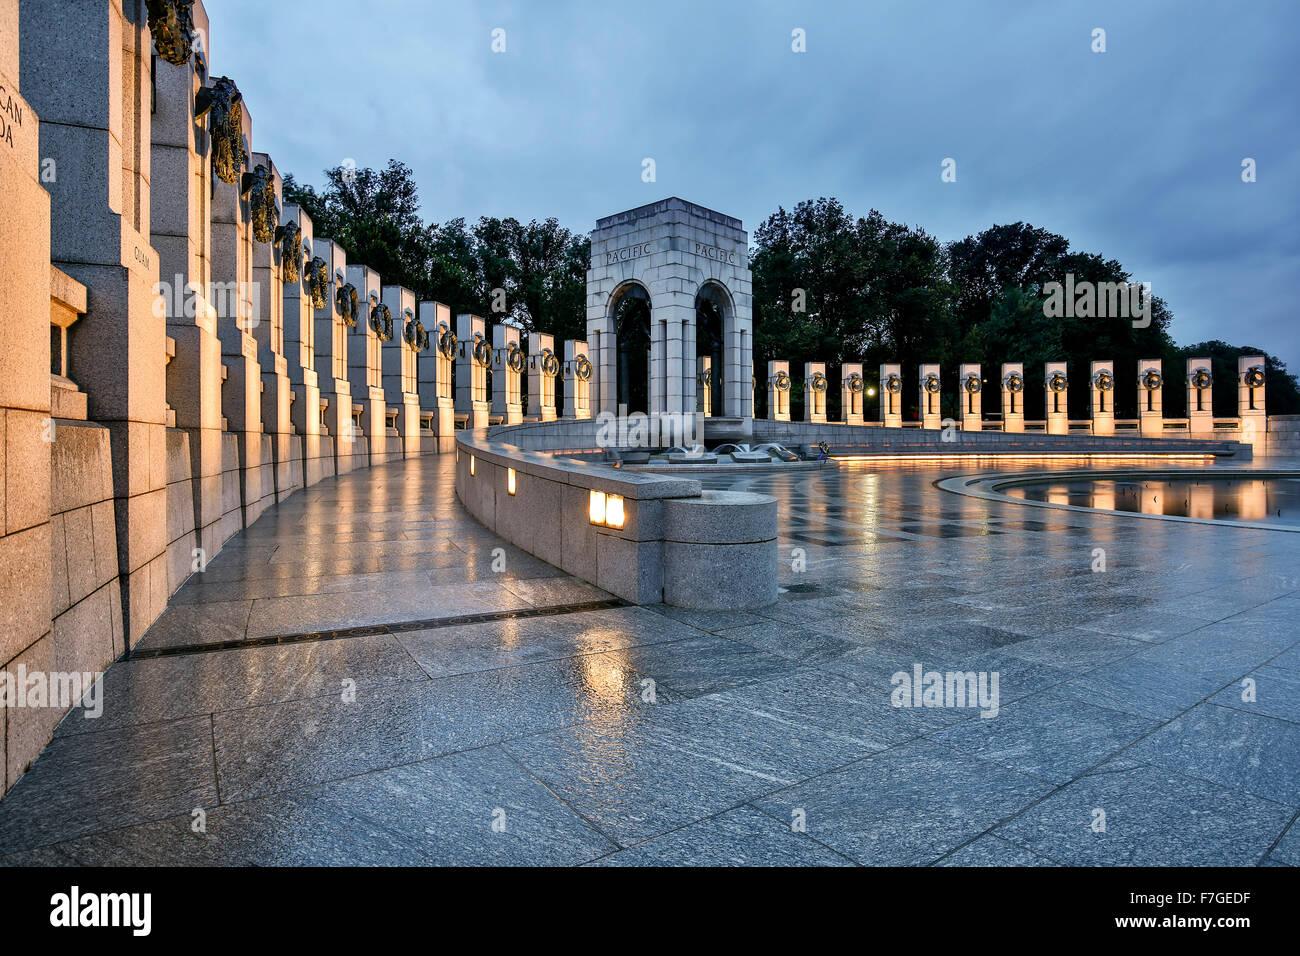 Il Memoriale della Seconda Guerra Mondiale, Washington, Distretto di Columbia USA Immagini Stock